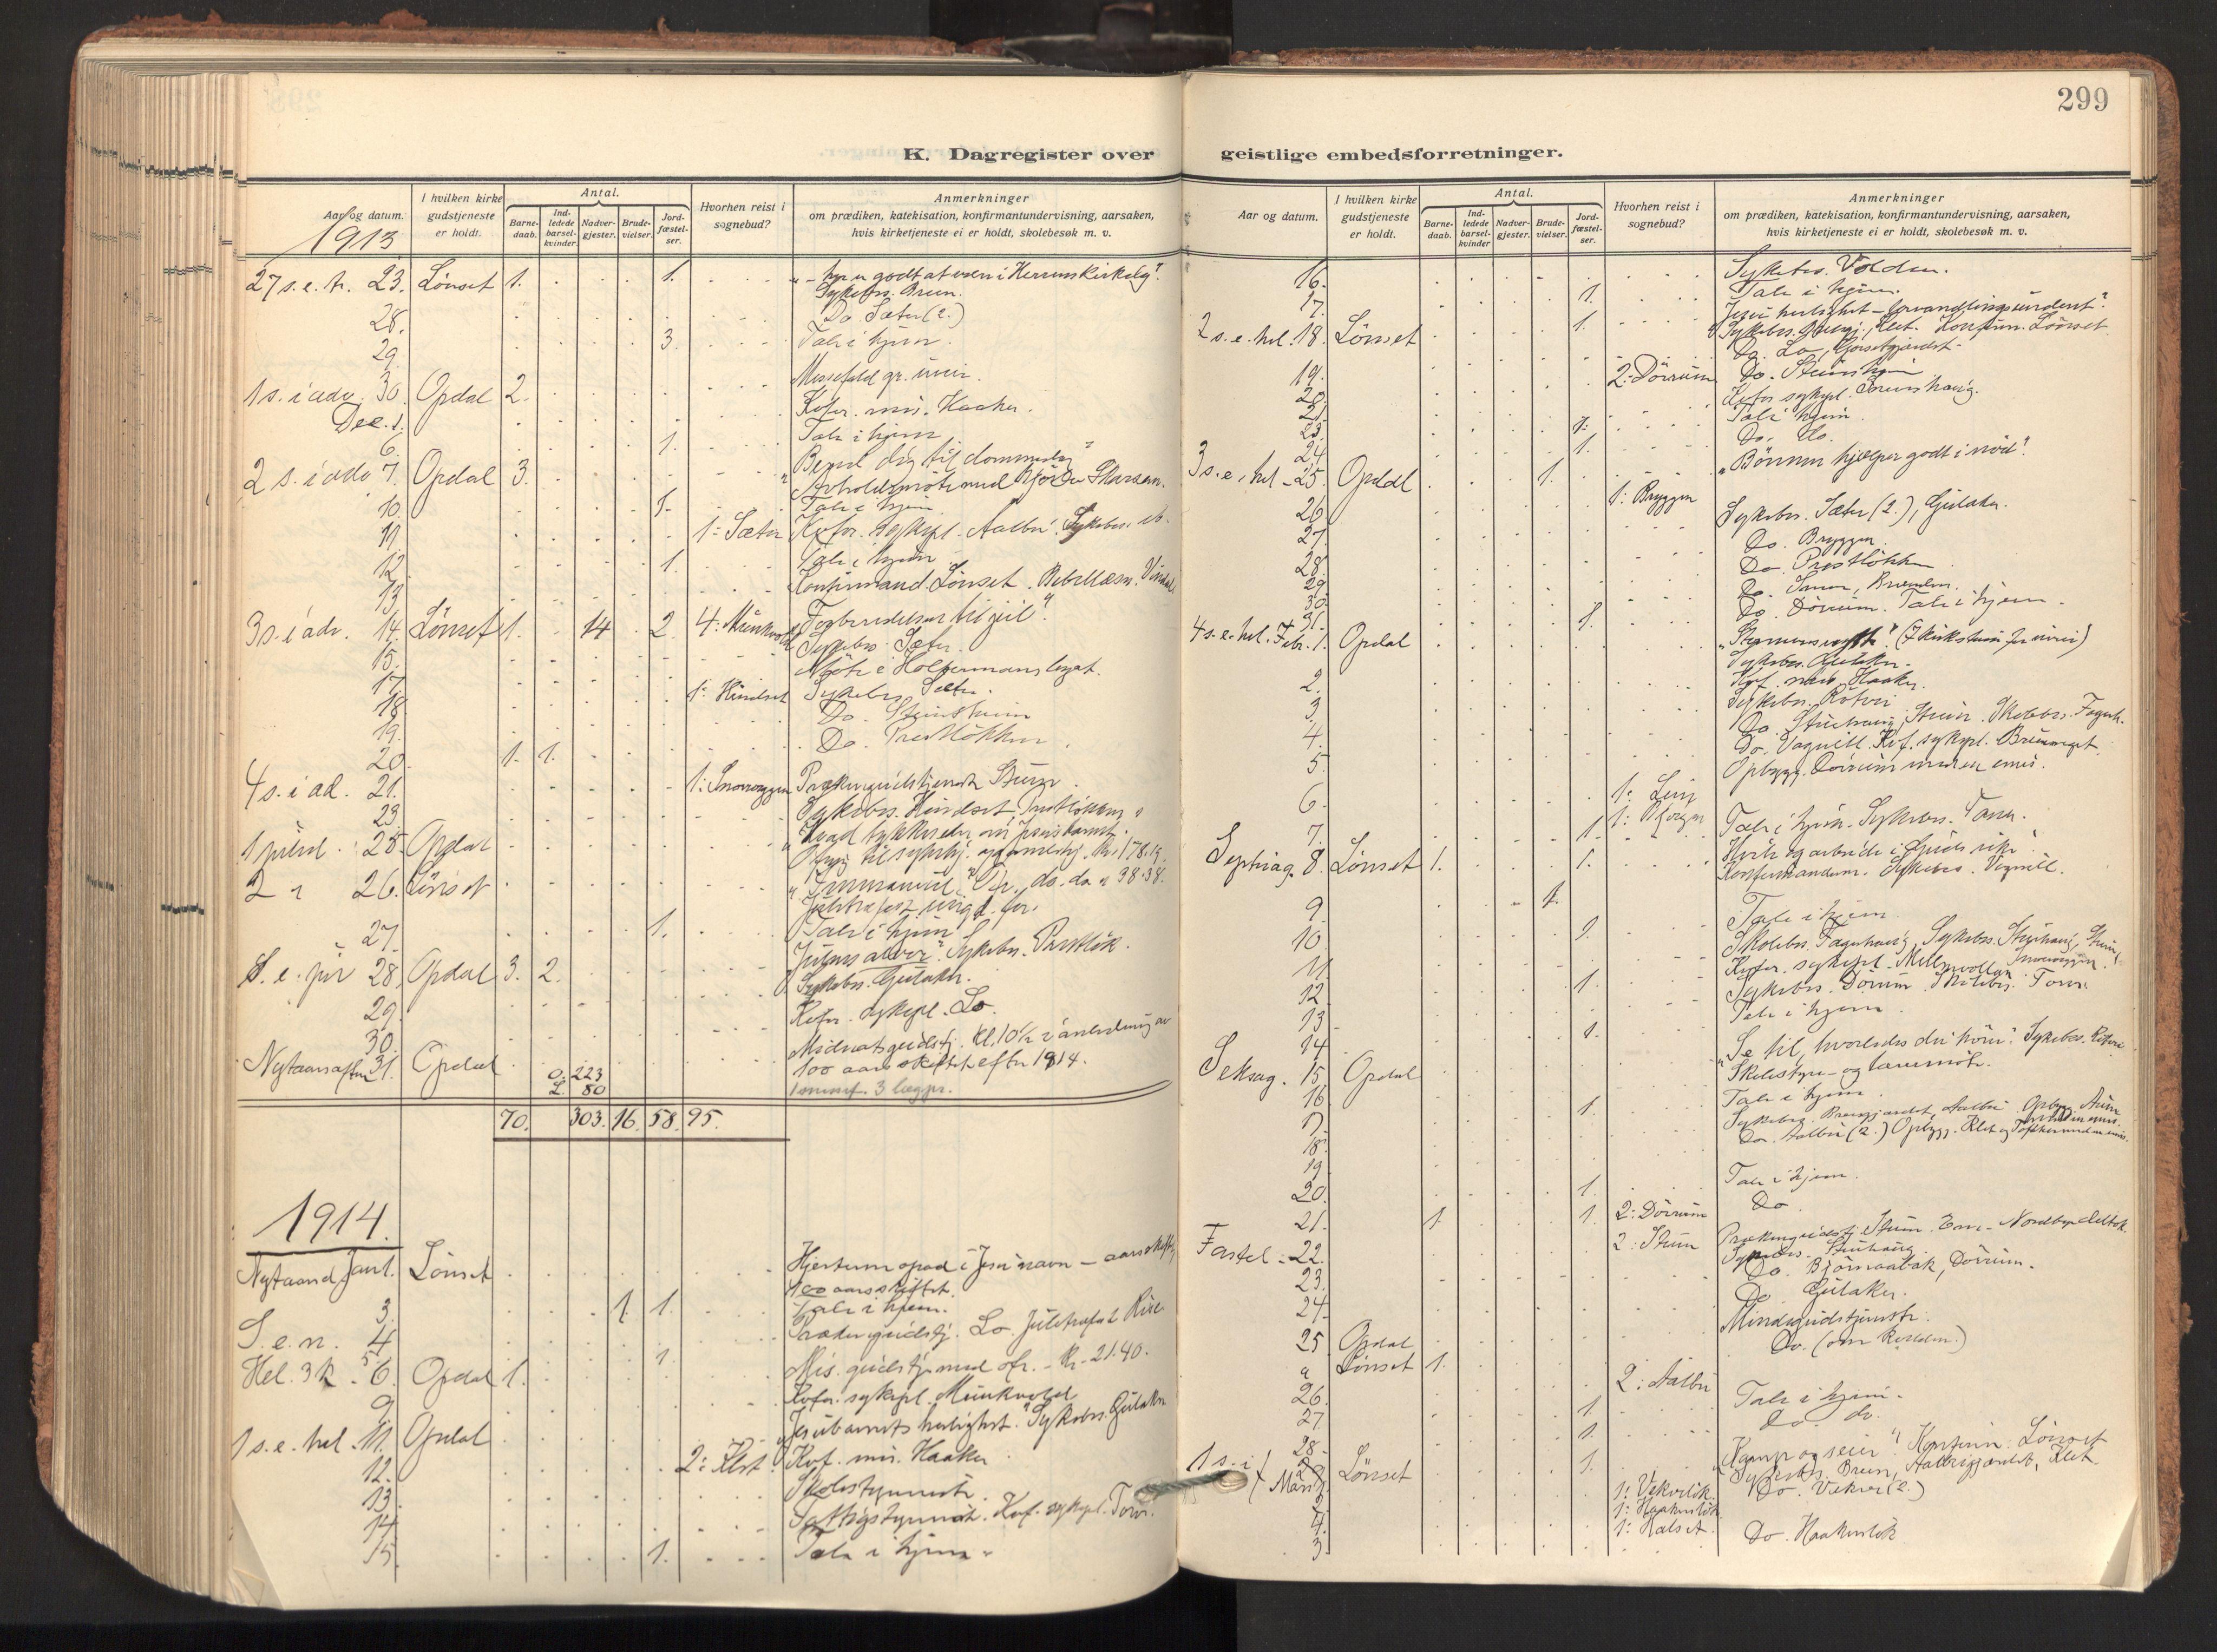 SAT, Ministerialprotokoller, klokkerbøker og fødselsregistre - Sør-Trøndelag, 678/L0909: Ministerialbok nr. 678A17, 1912-1930, s. 299